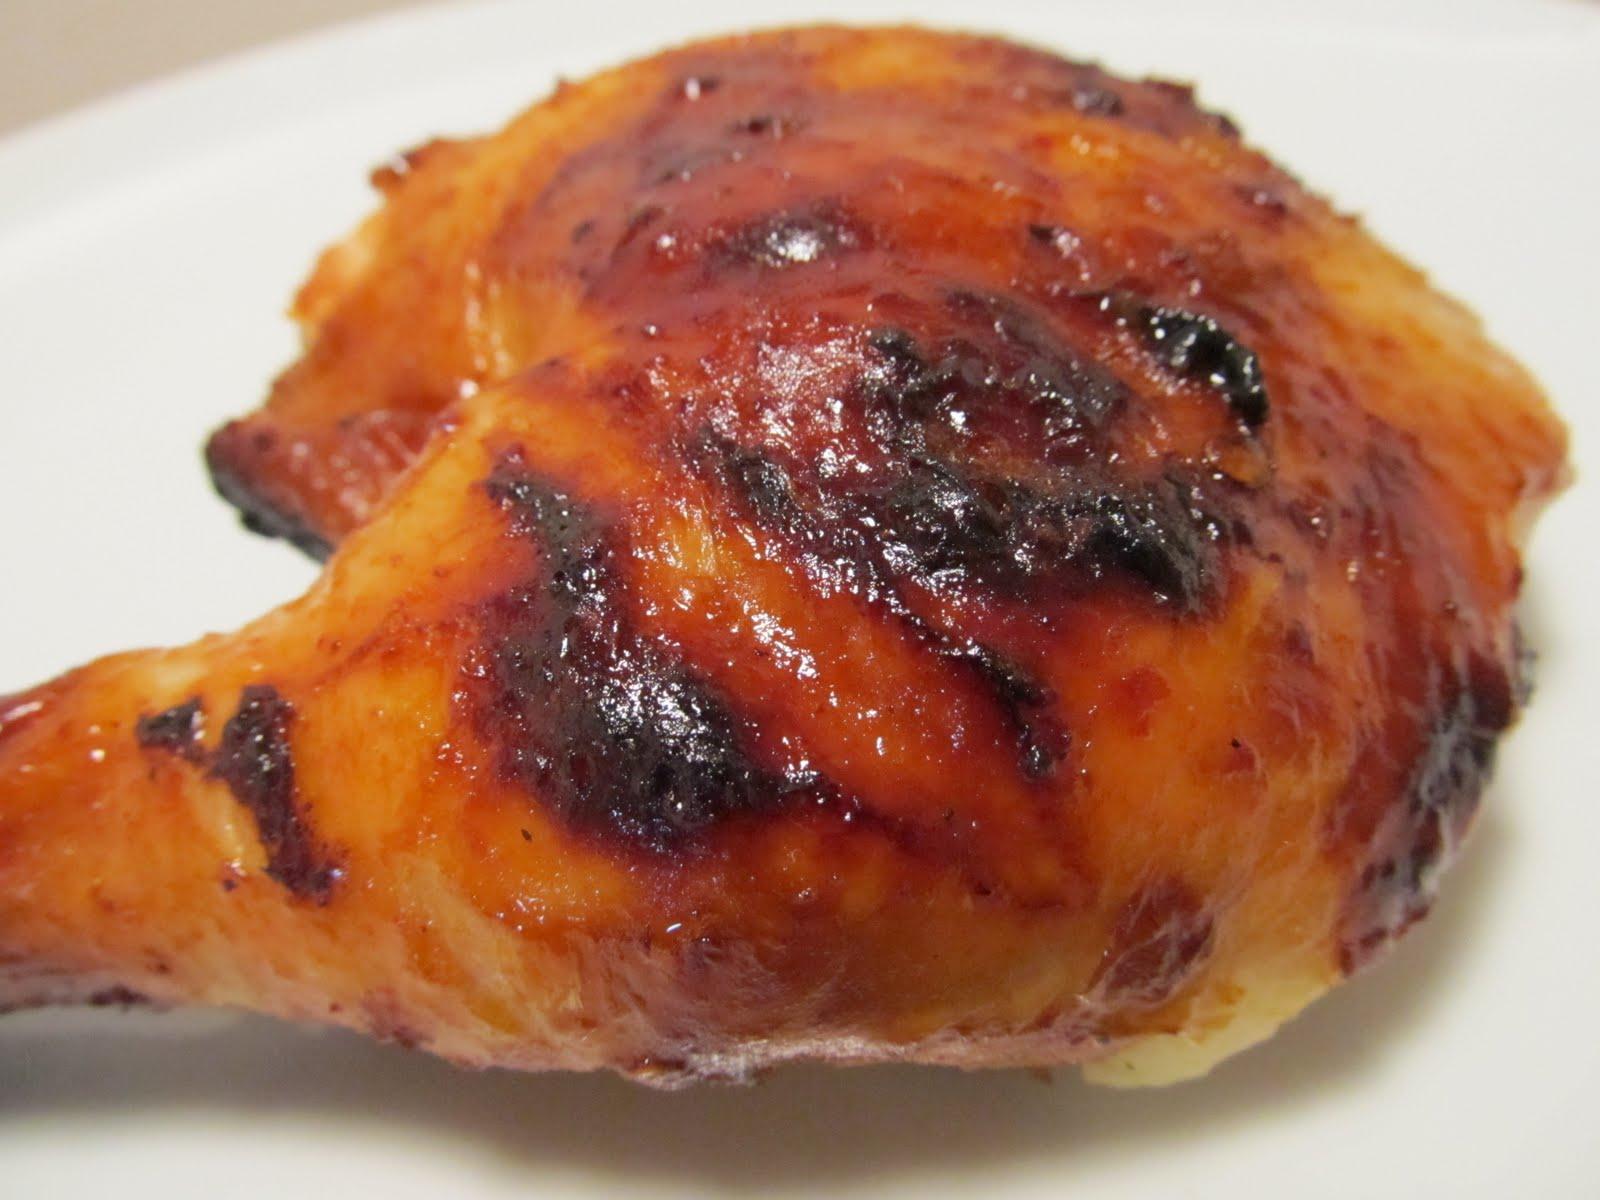 Grilled Chicken with Orange Chipotle Glaze